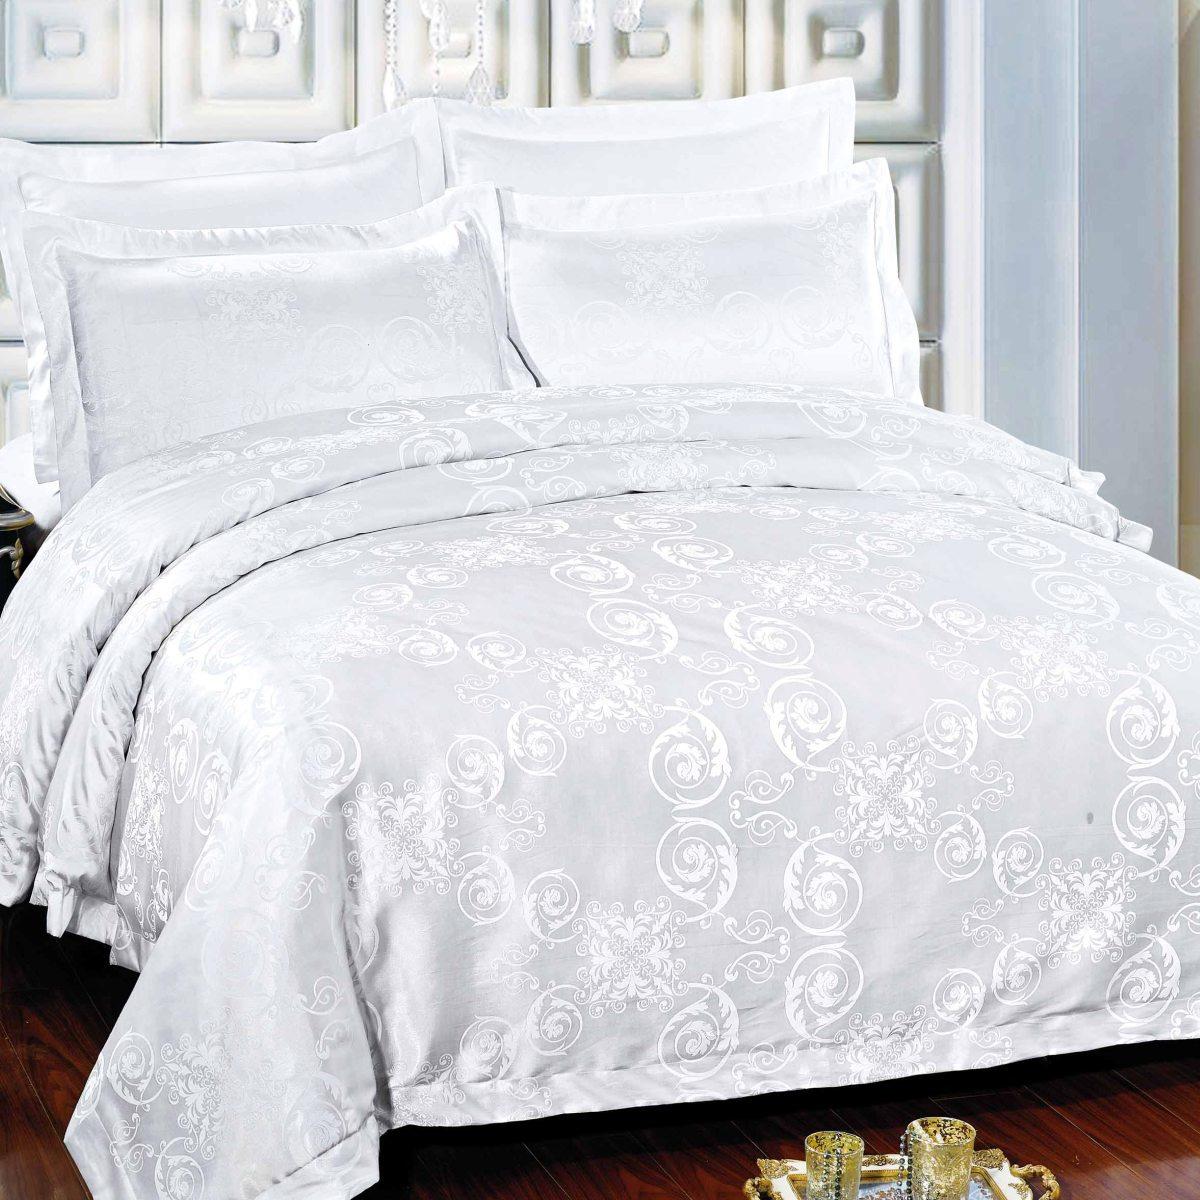 цена на Комплект постельного белья Letto, евро, наволочки 50х70, 70х70, AJ23-6